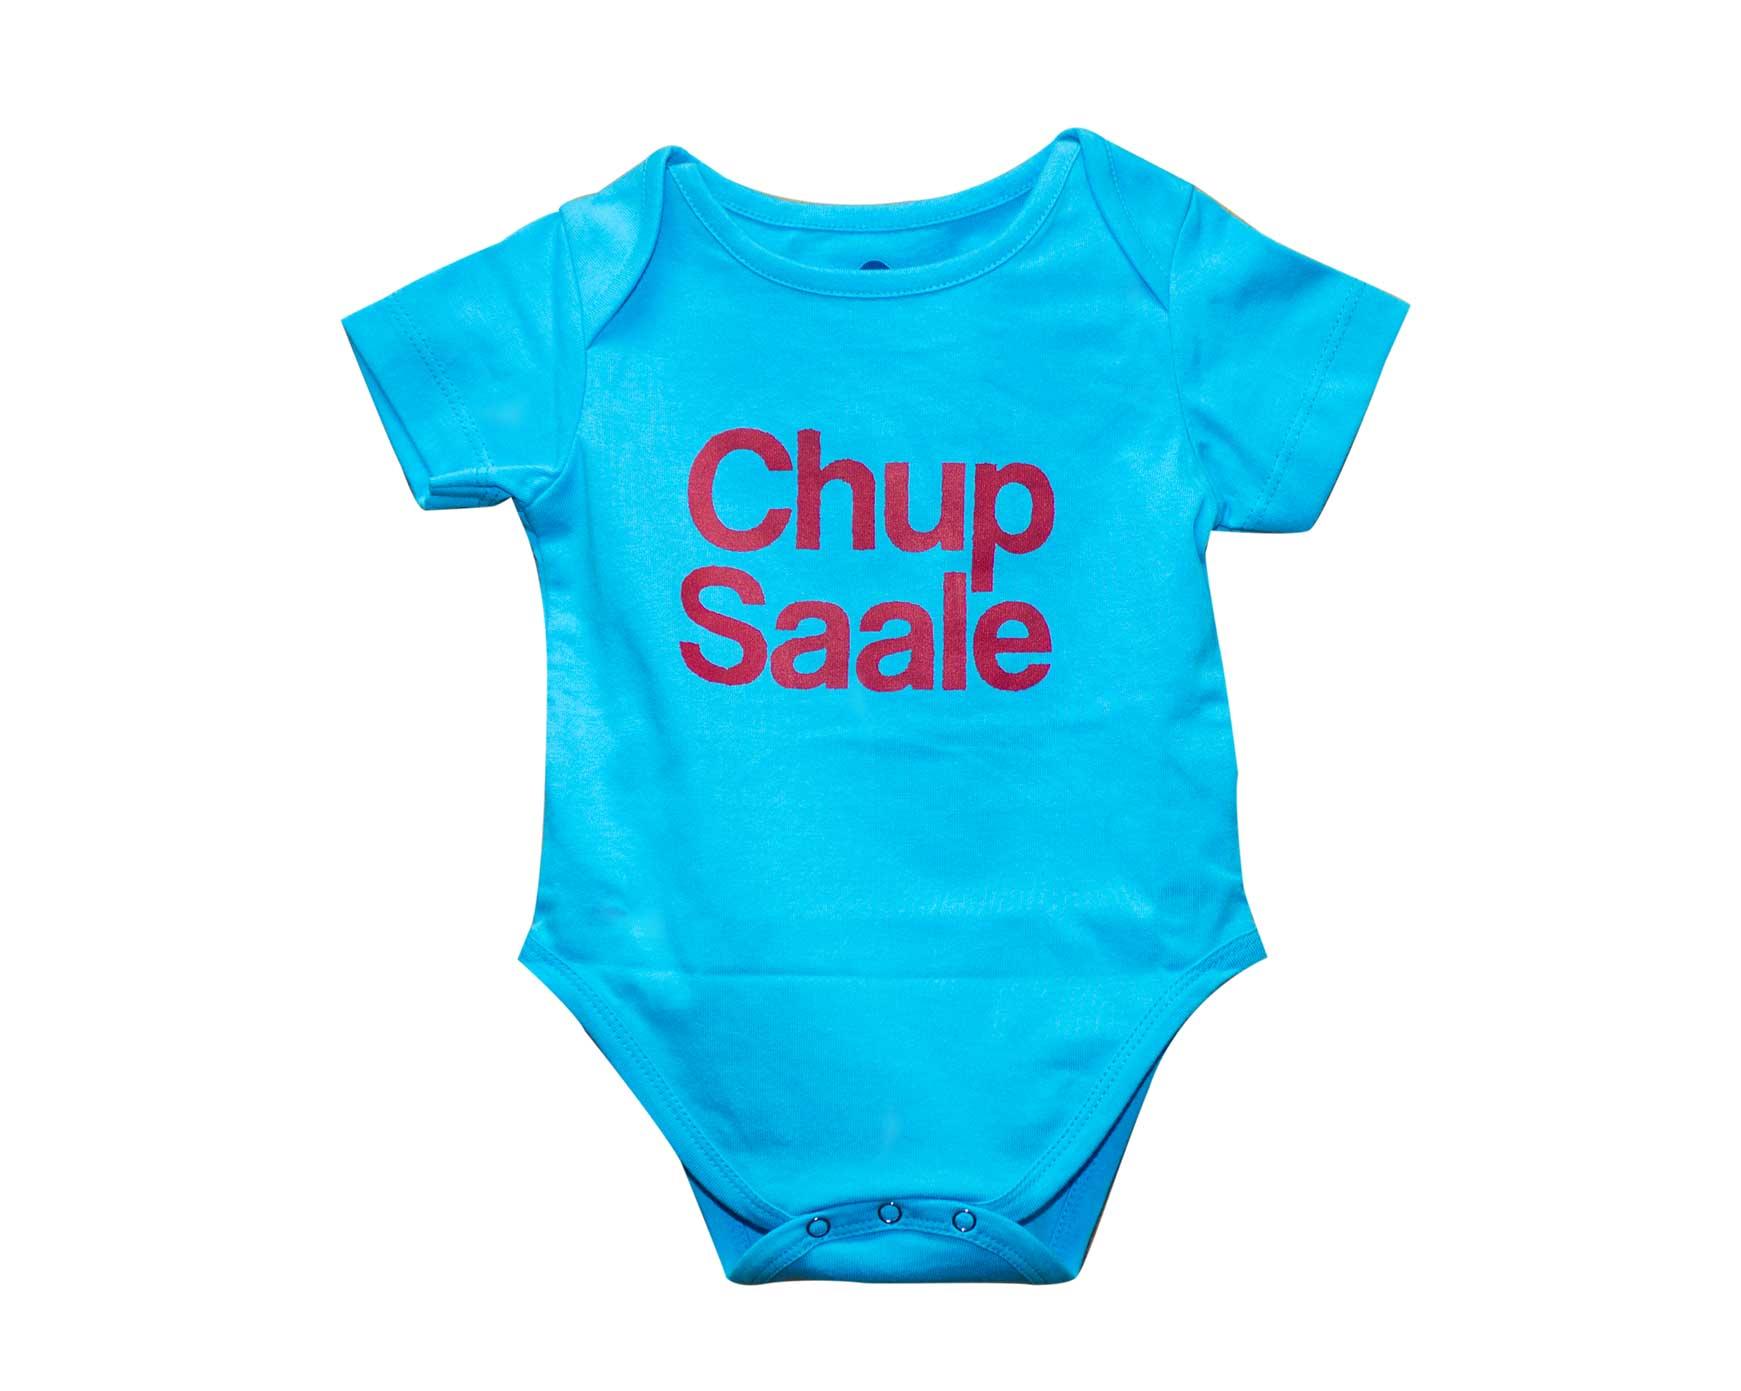 CHUP-SAALE-ROMPER